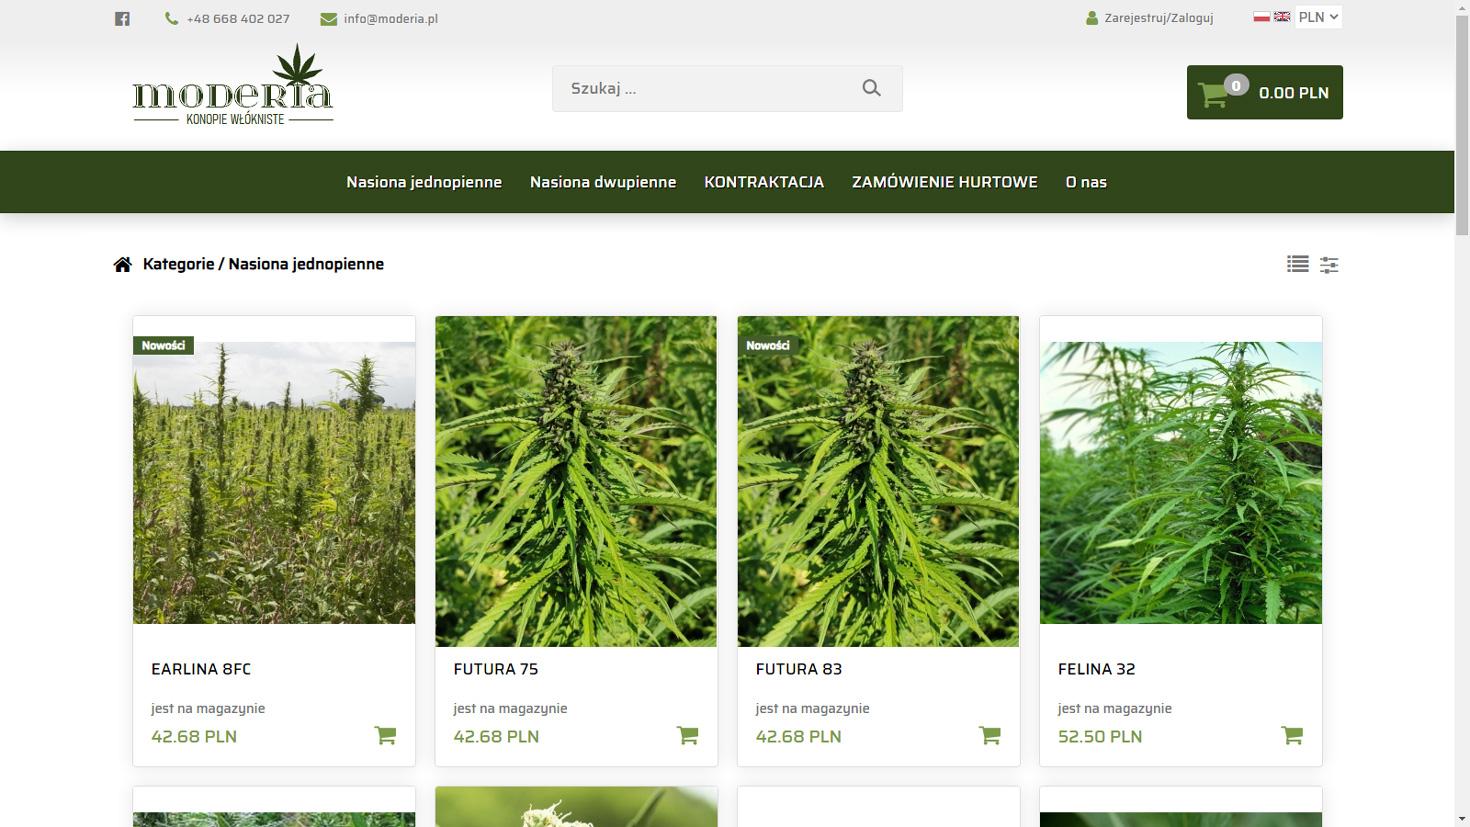 Realizacja www.moderia.pl